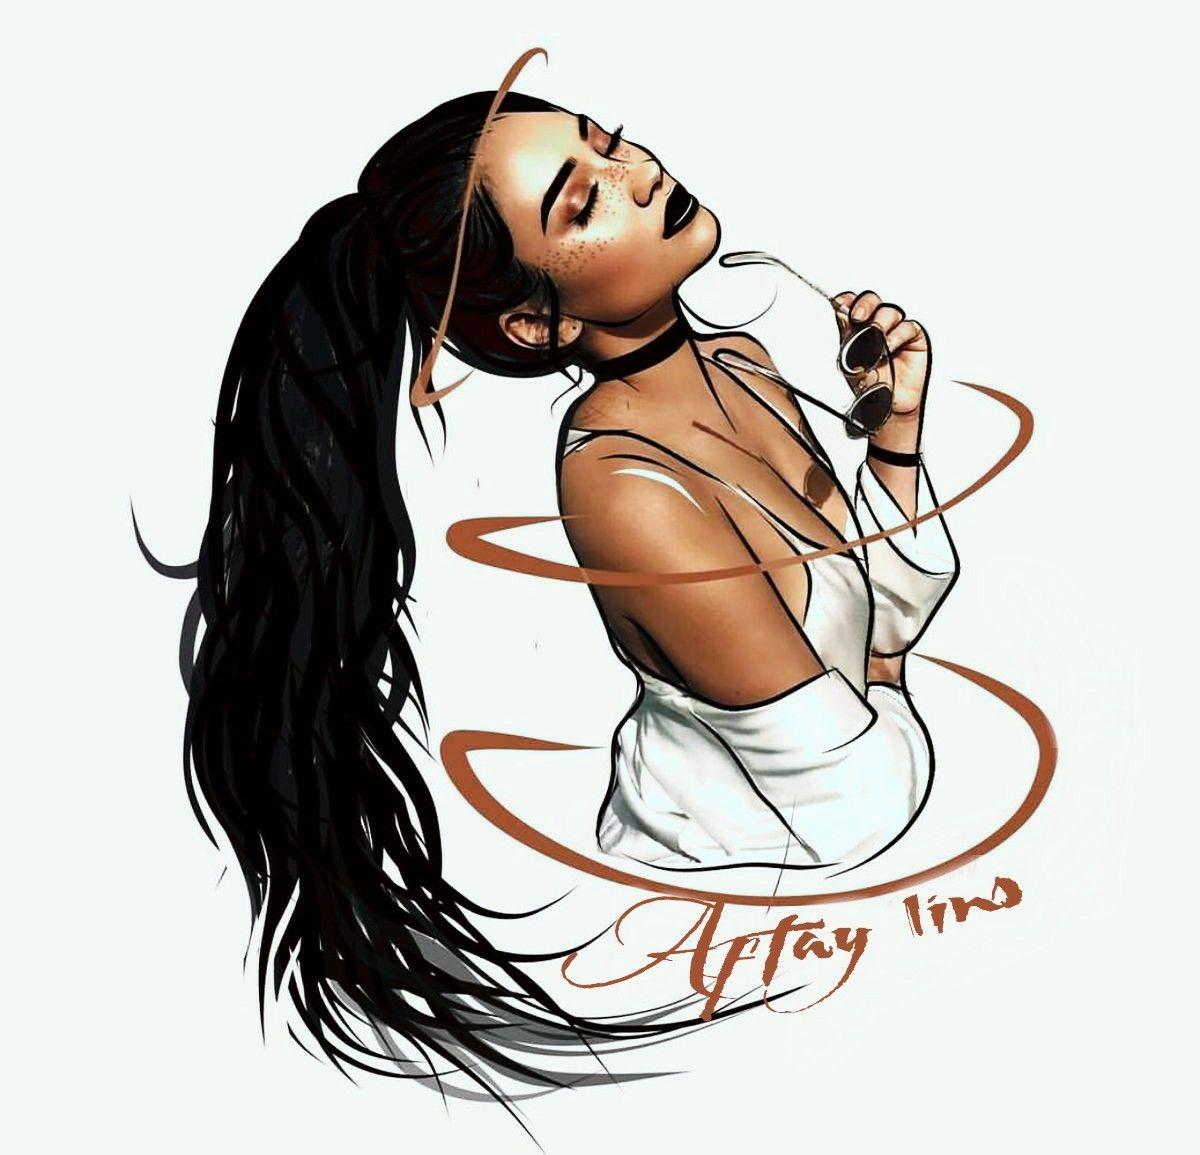 Pin De Bolotaeva Karina Em Art Desenhos Tumblr Preto Branco